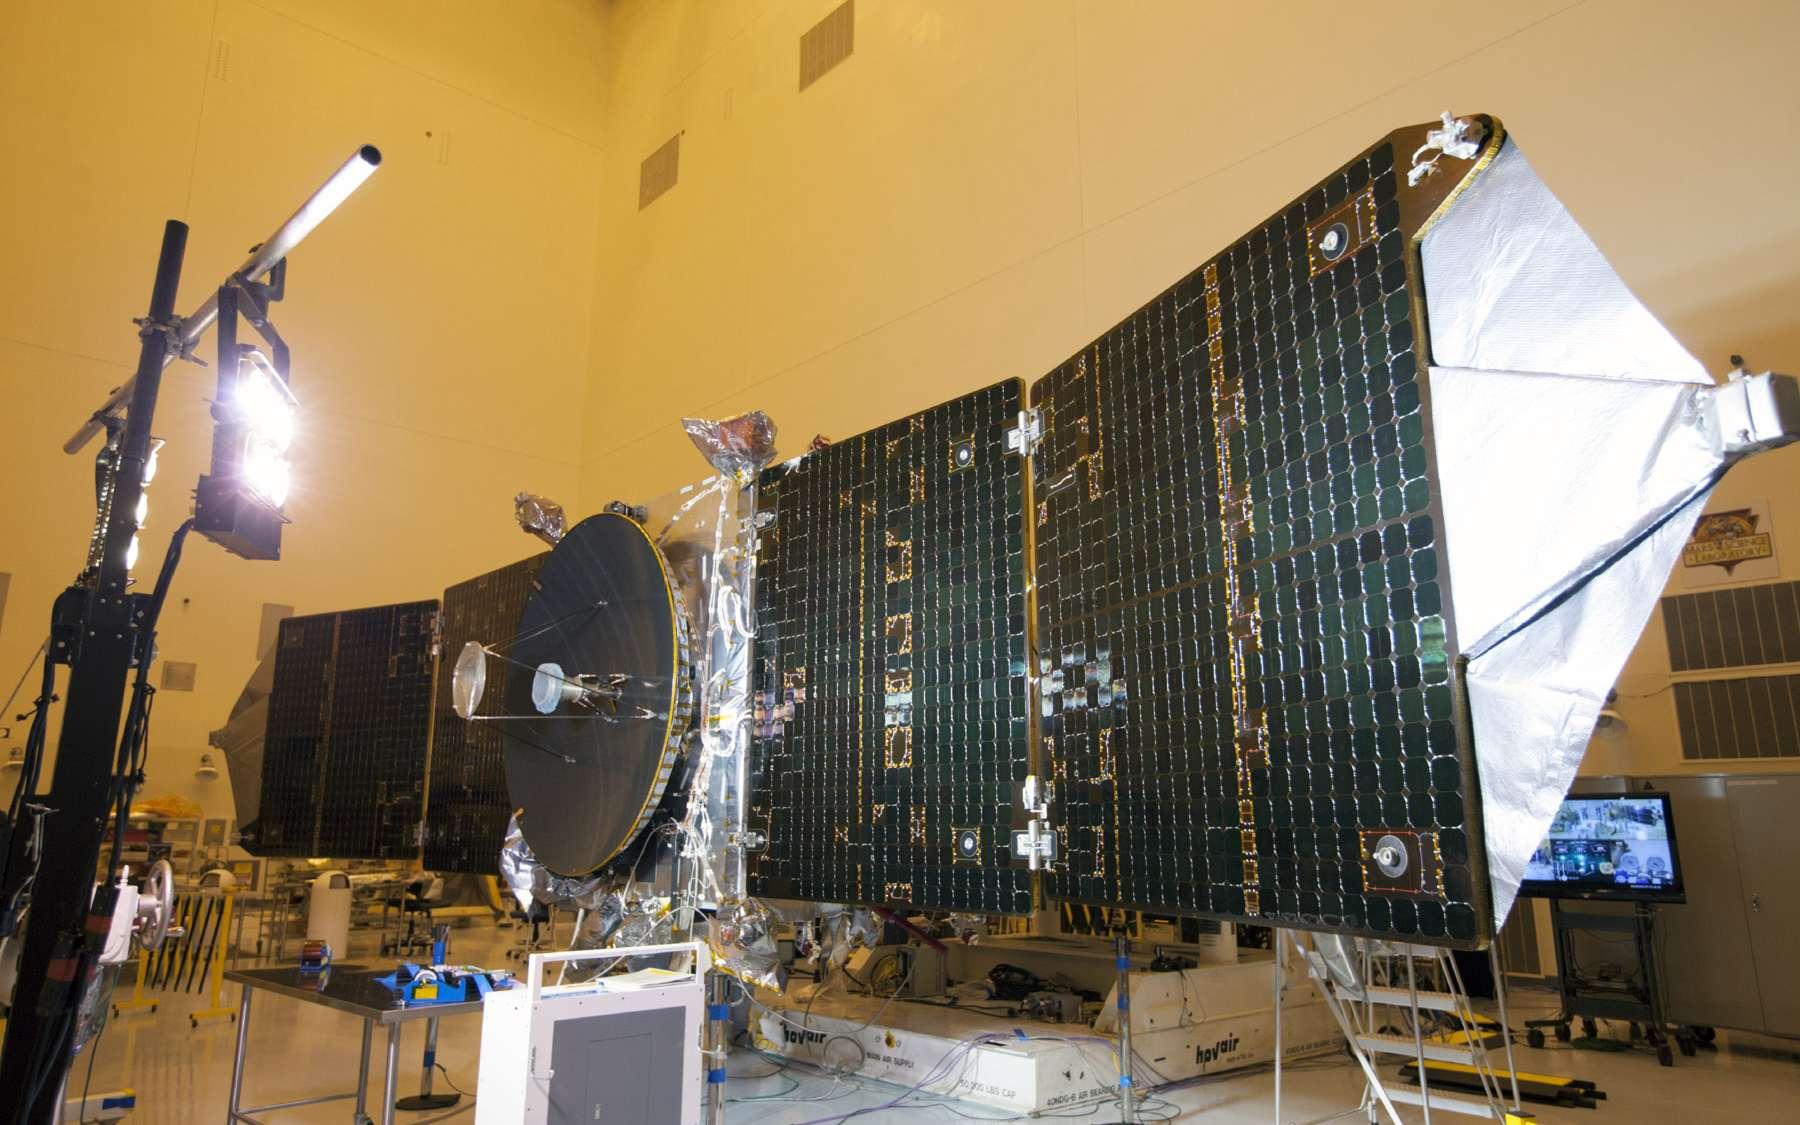 La sonde Maven, panneaux solaires déployés tels qu'ils le seront pendant le voyage interplanétaire et autour de Mars. Elle est ici au centre spatial Kennedy, lors de ses essais électriques. En simulant la lumière reçue à la distance de la Planète rouge, la Nasa a voulu s'assurer que la production d'électricité par les panneaux solaires est conforme au cahier des charges. © Nasa